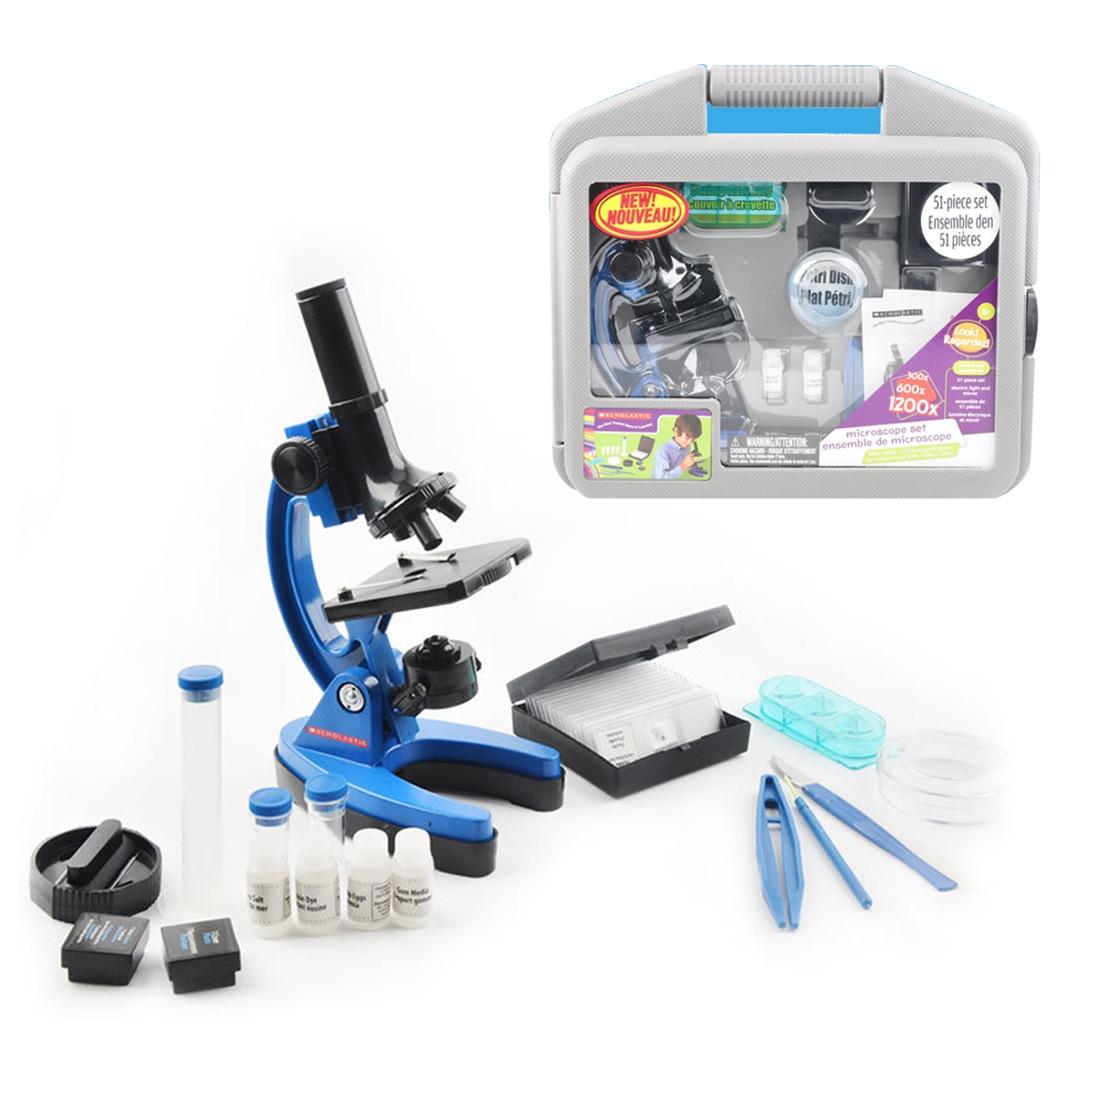 Trousse à outils de Microscope en métal pour enfants 1200 fois pour le laboratoire des étudiants durables Surwish